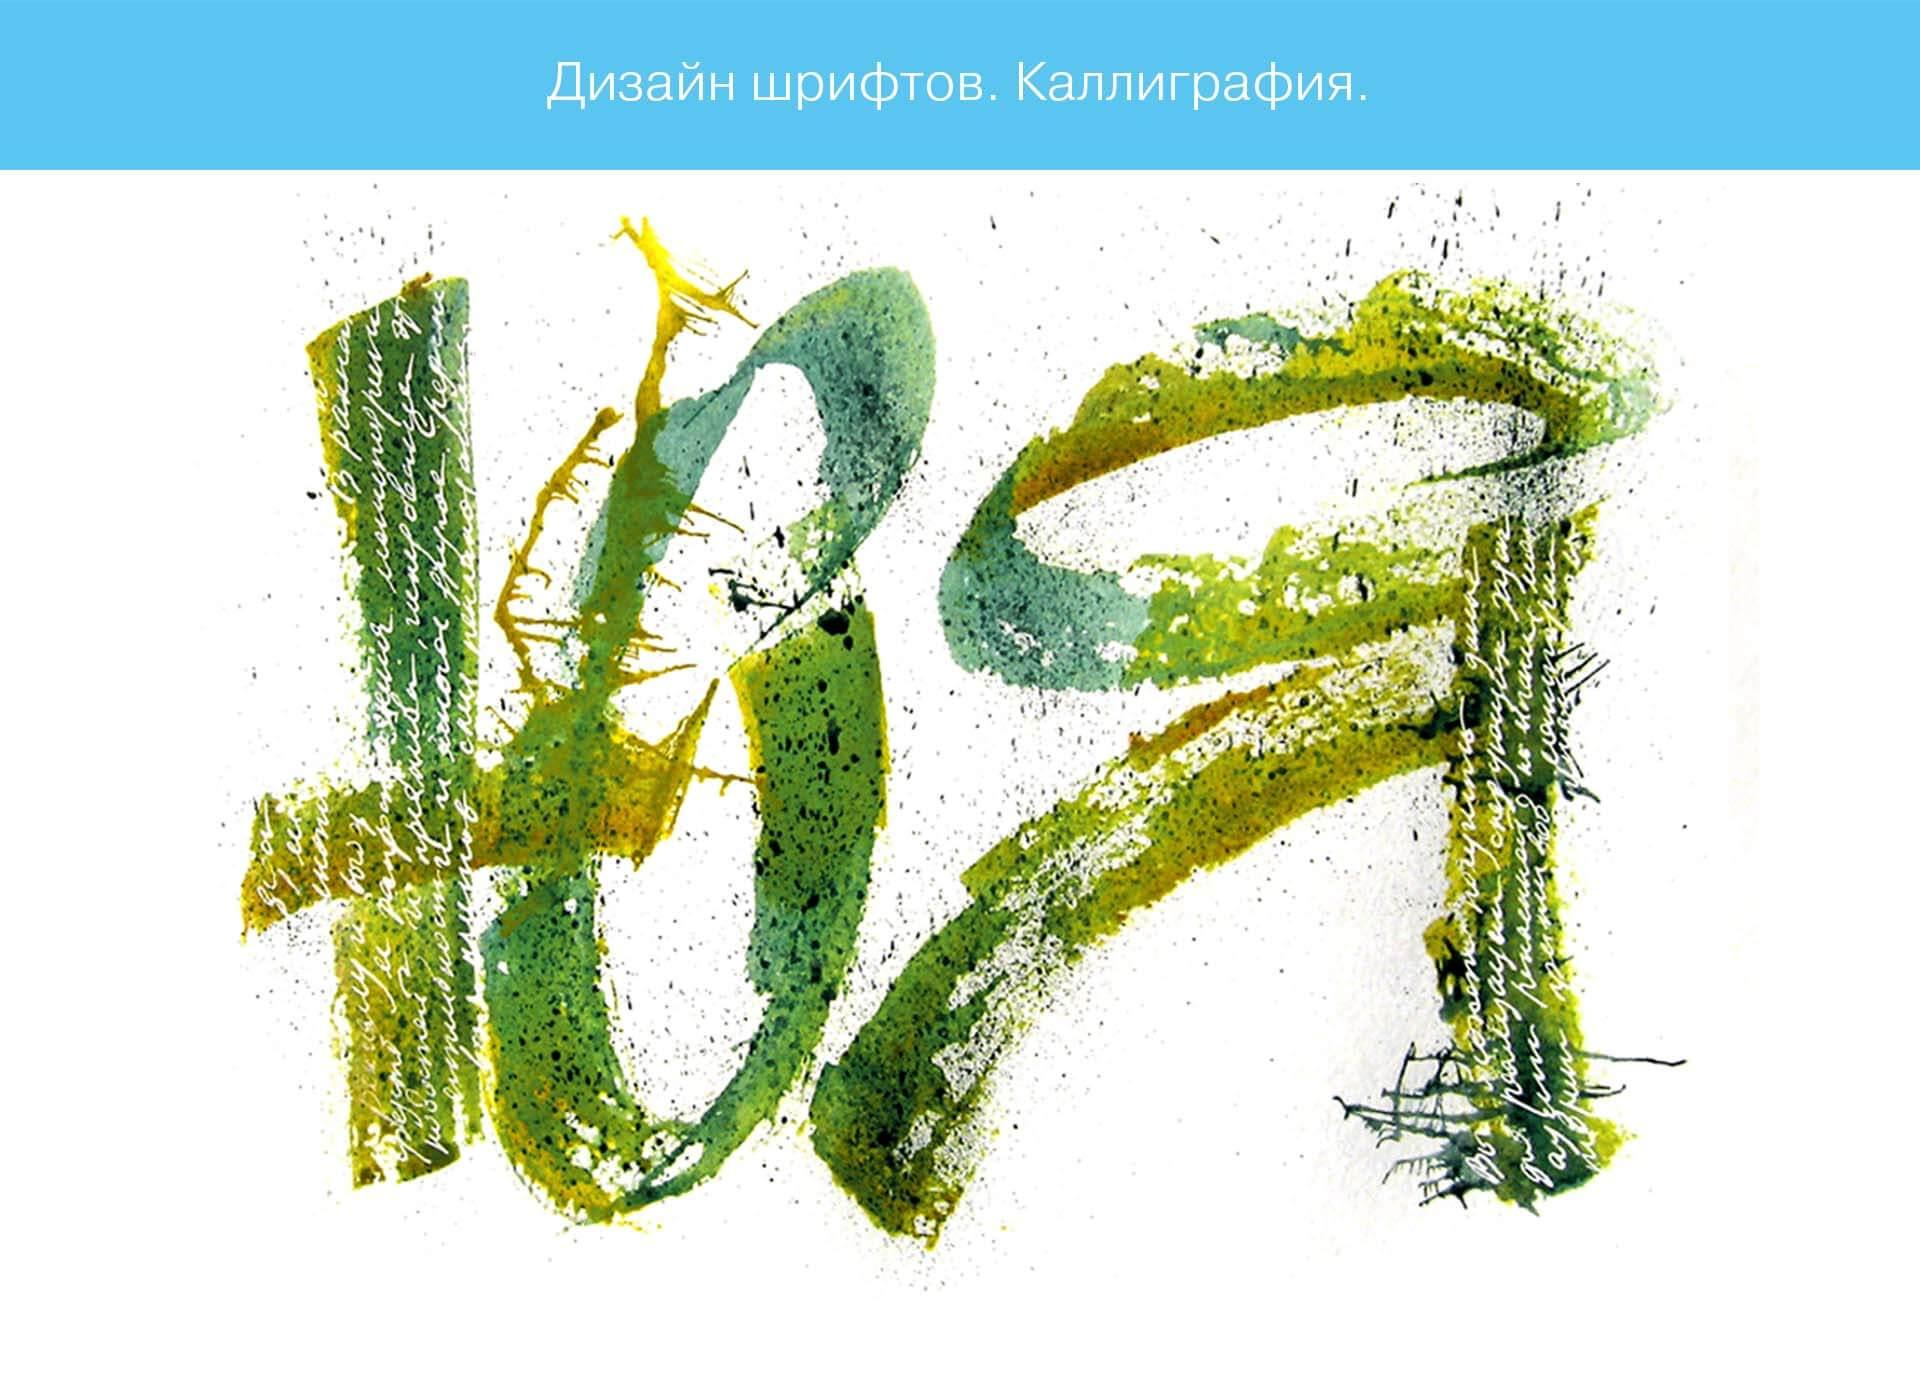 Prokochuk_Irina_font design_calligraphy_6